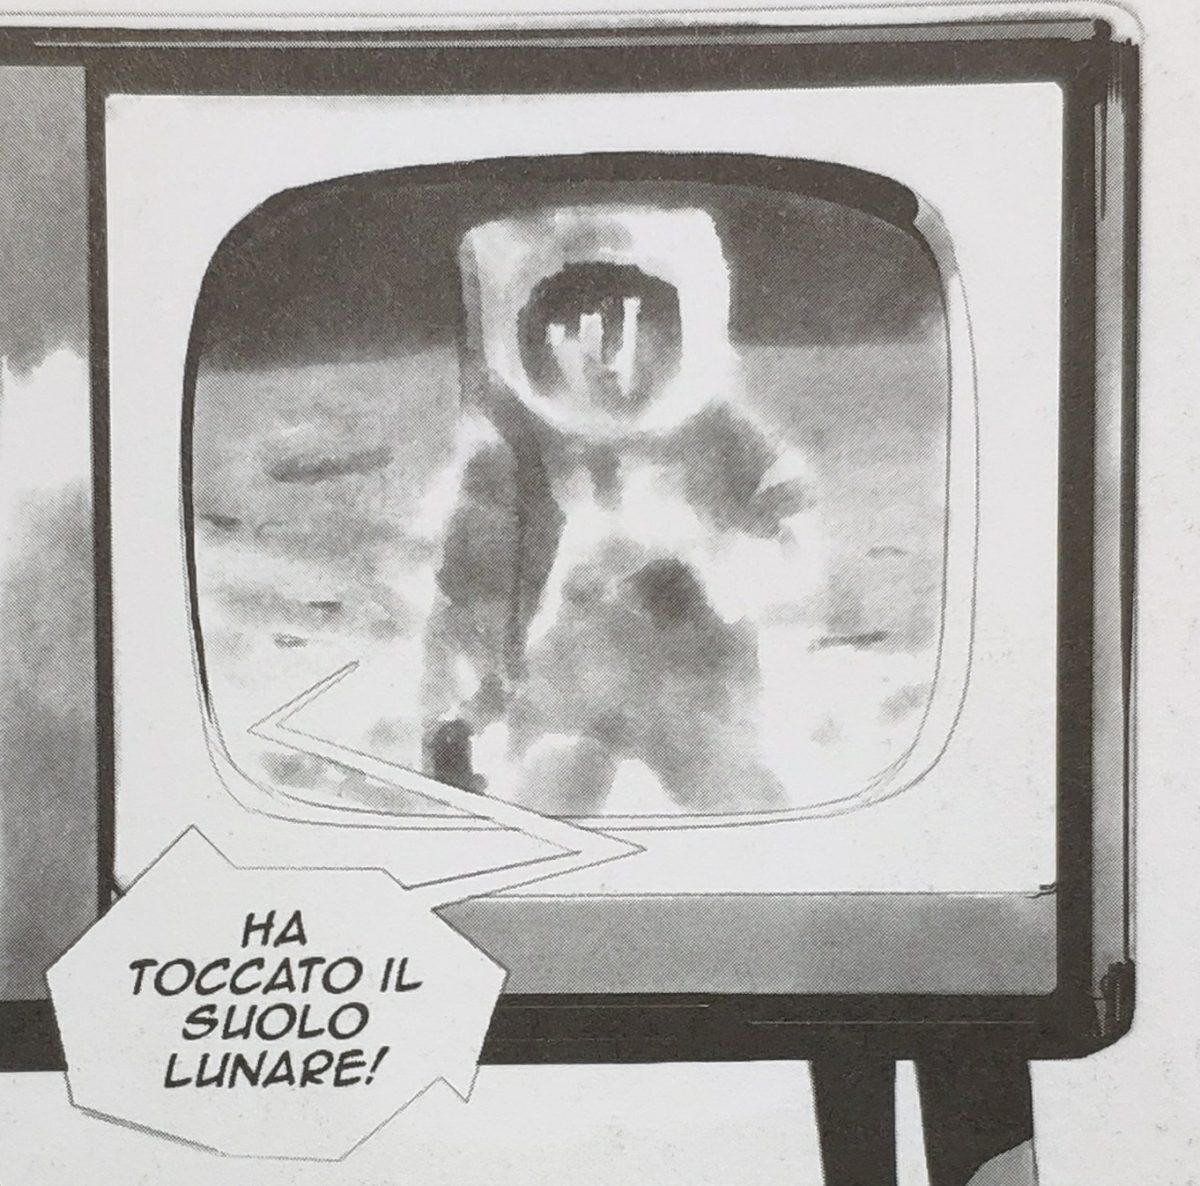 Mio caro fumetto... - La televisione trasmette lo sbarco sulla luna